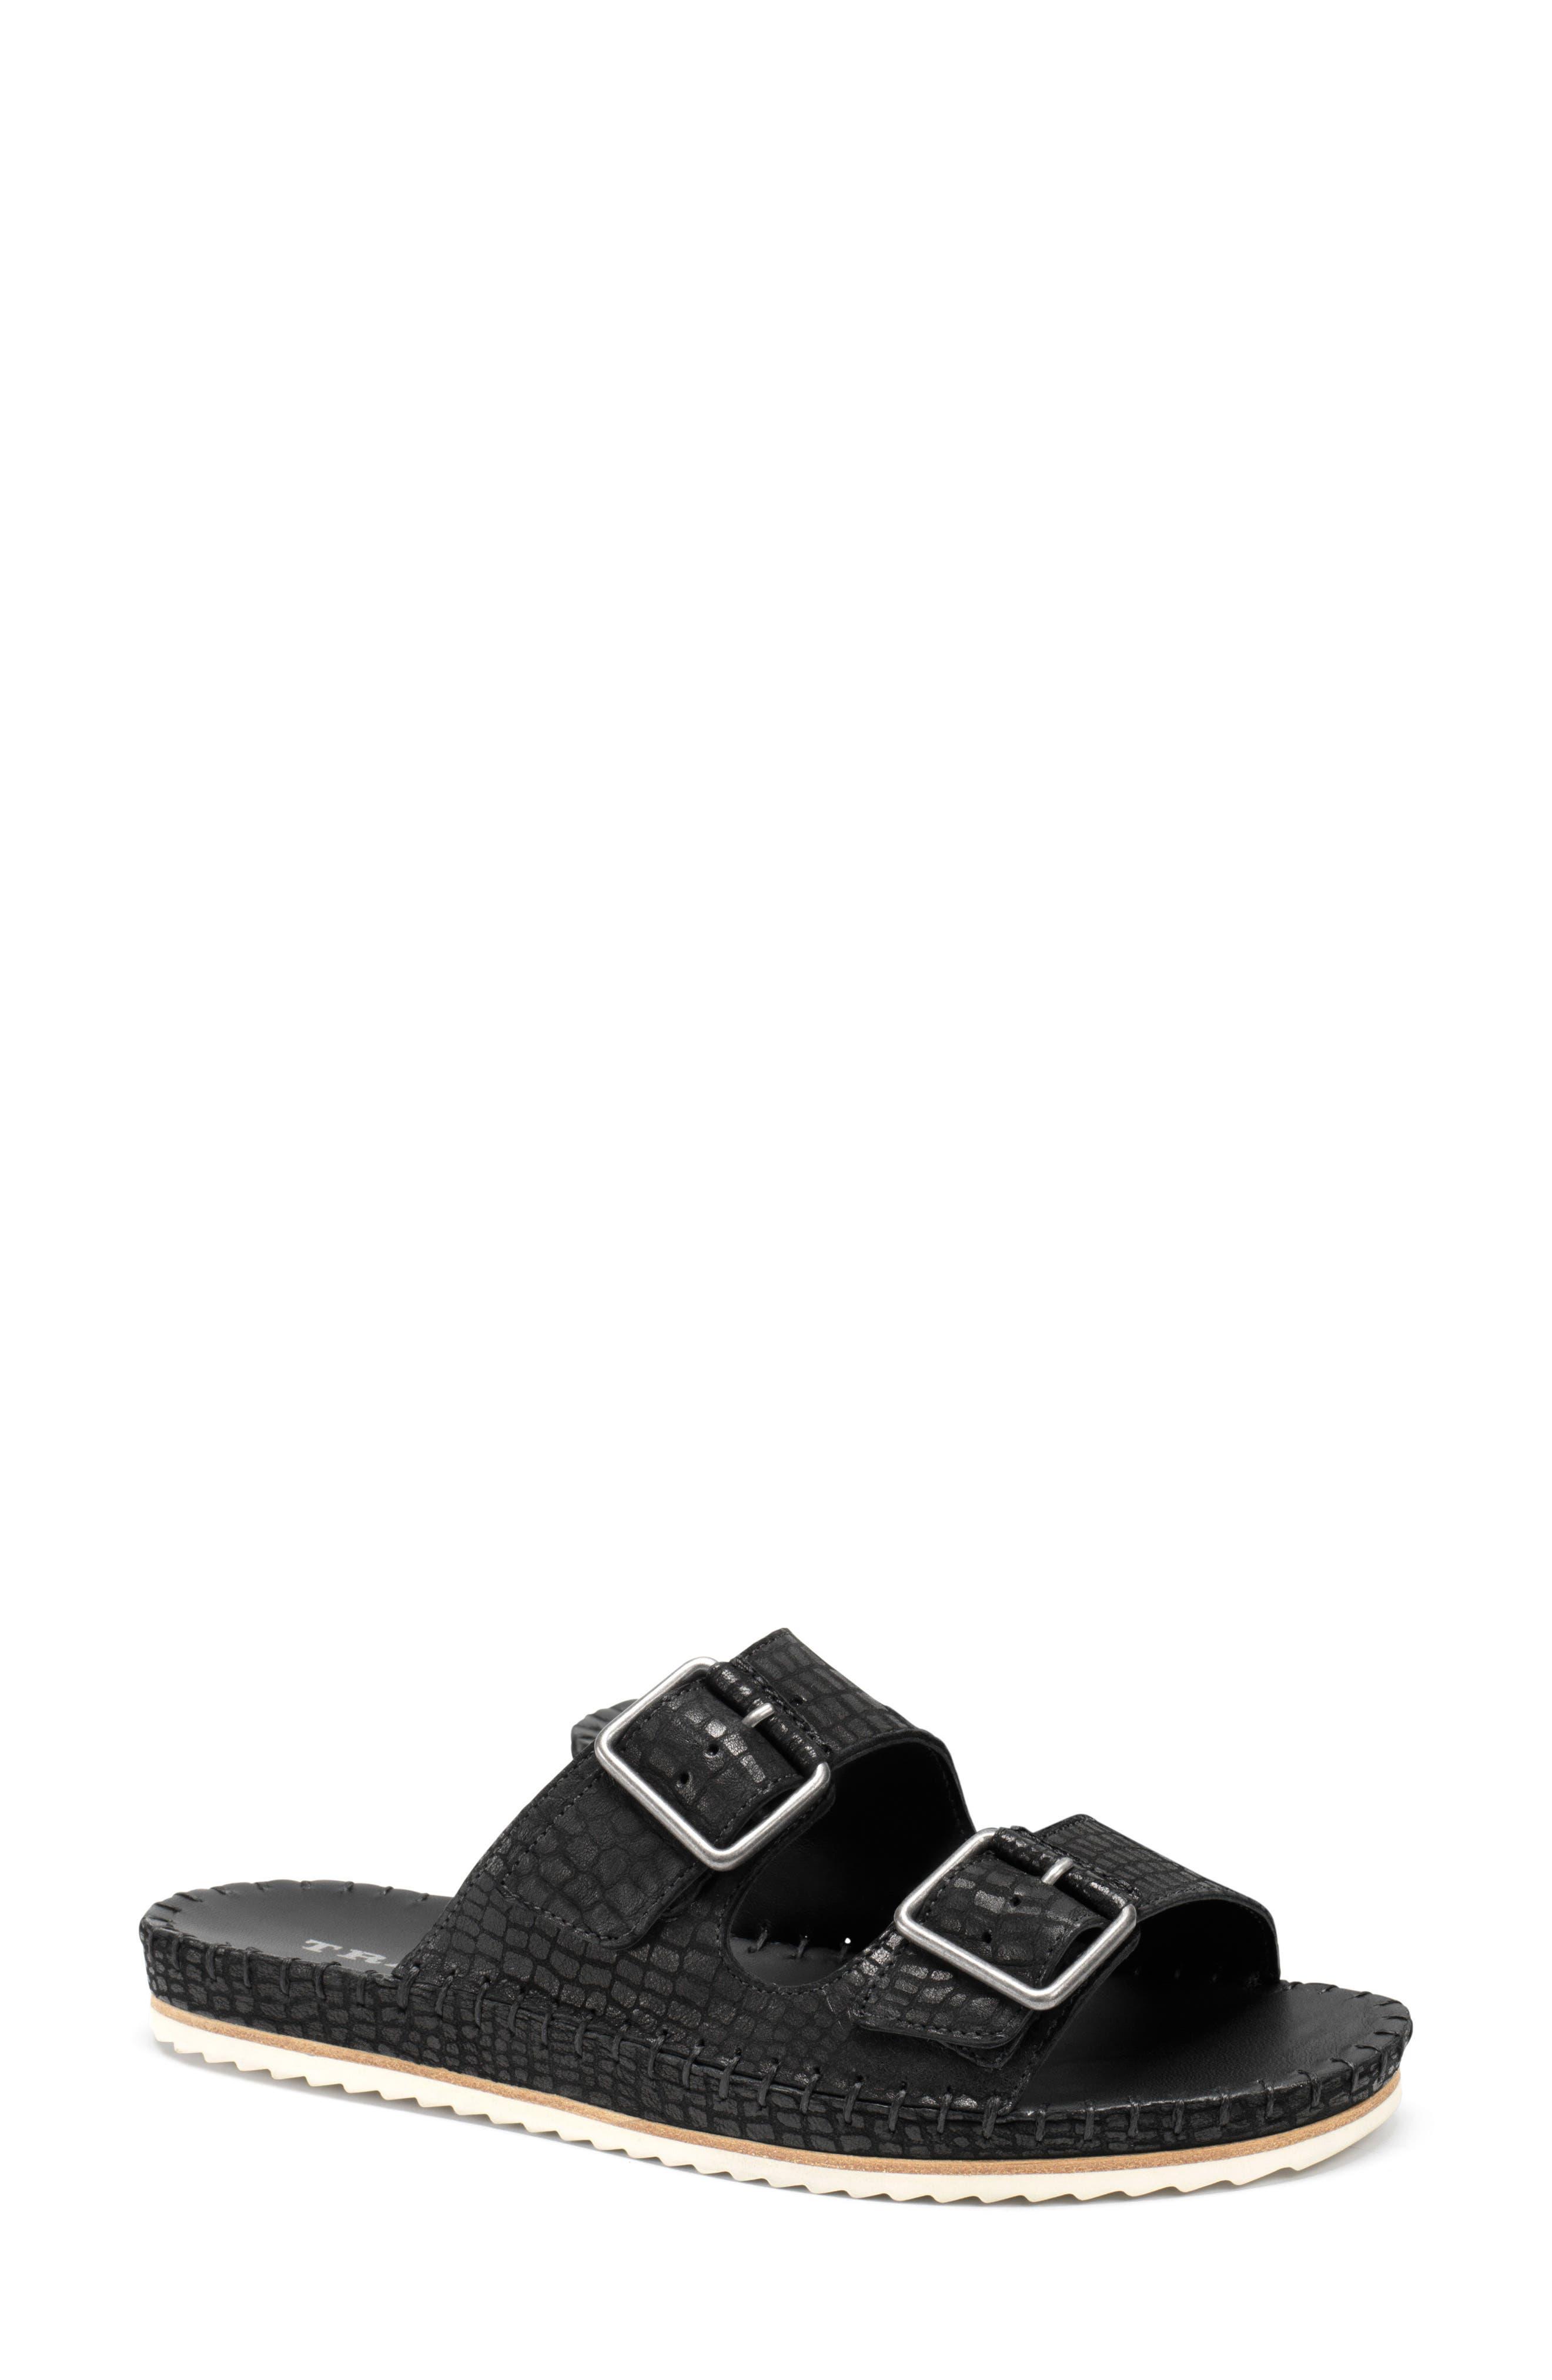 Carli Slide Sandal,                         Main,                         color, BLACK EMBOSSED LEATHER